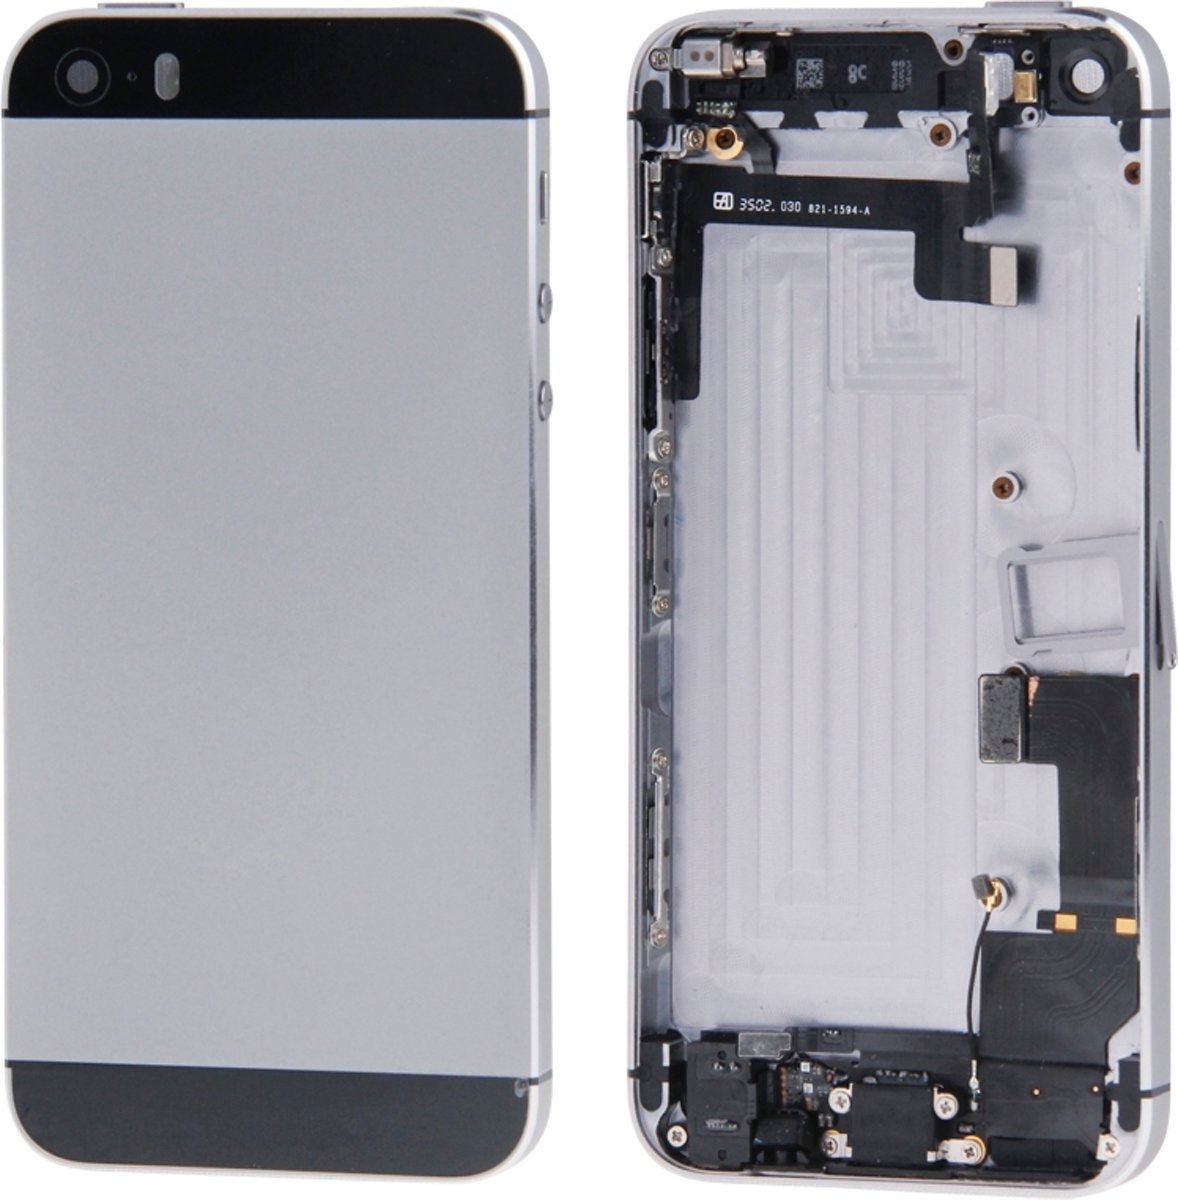 Volledige vergadering huisvesting Cover voor iPhone 5S (licht goud) kopen